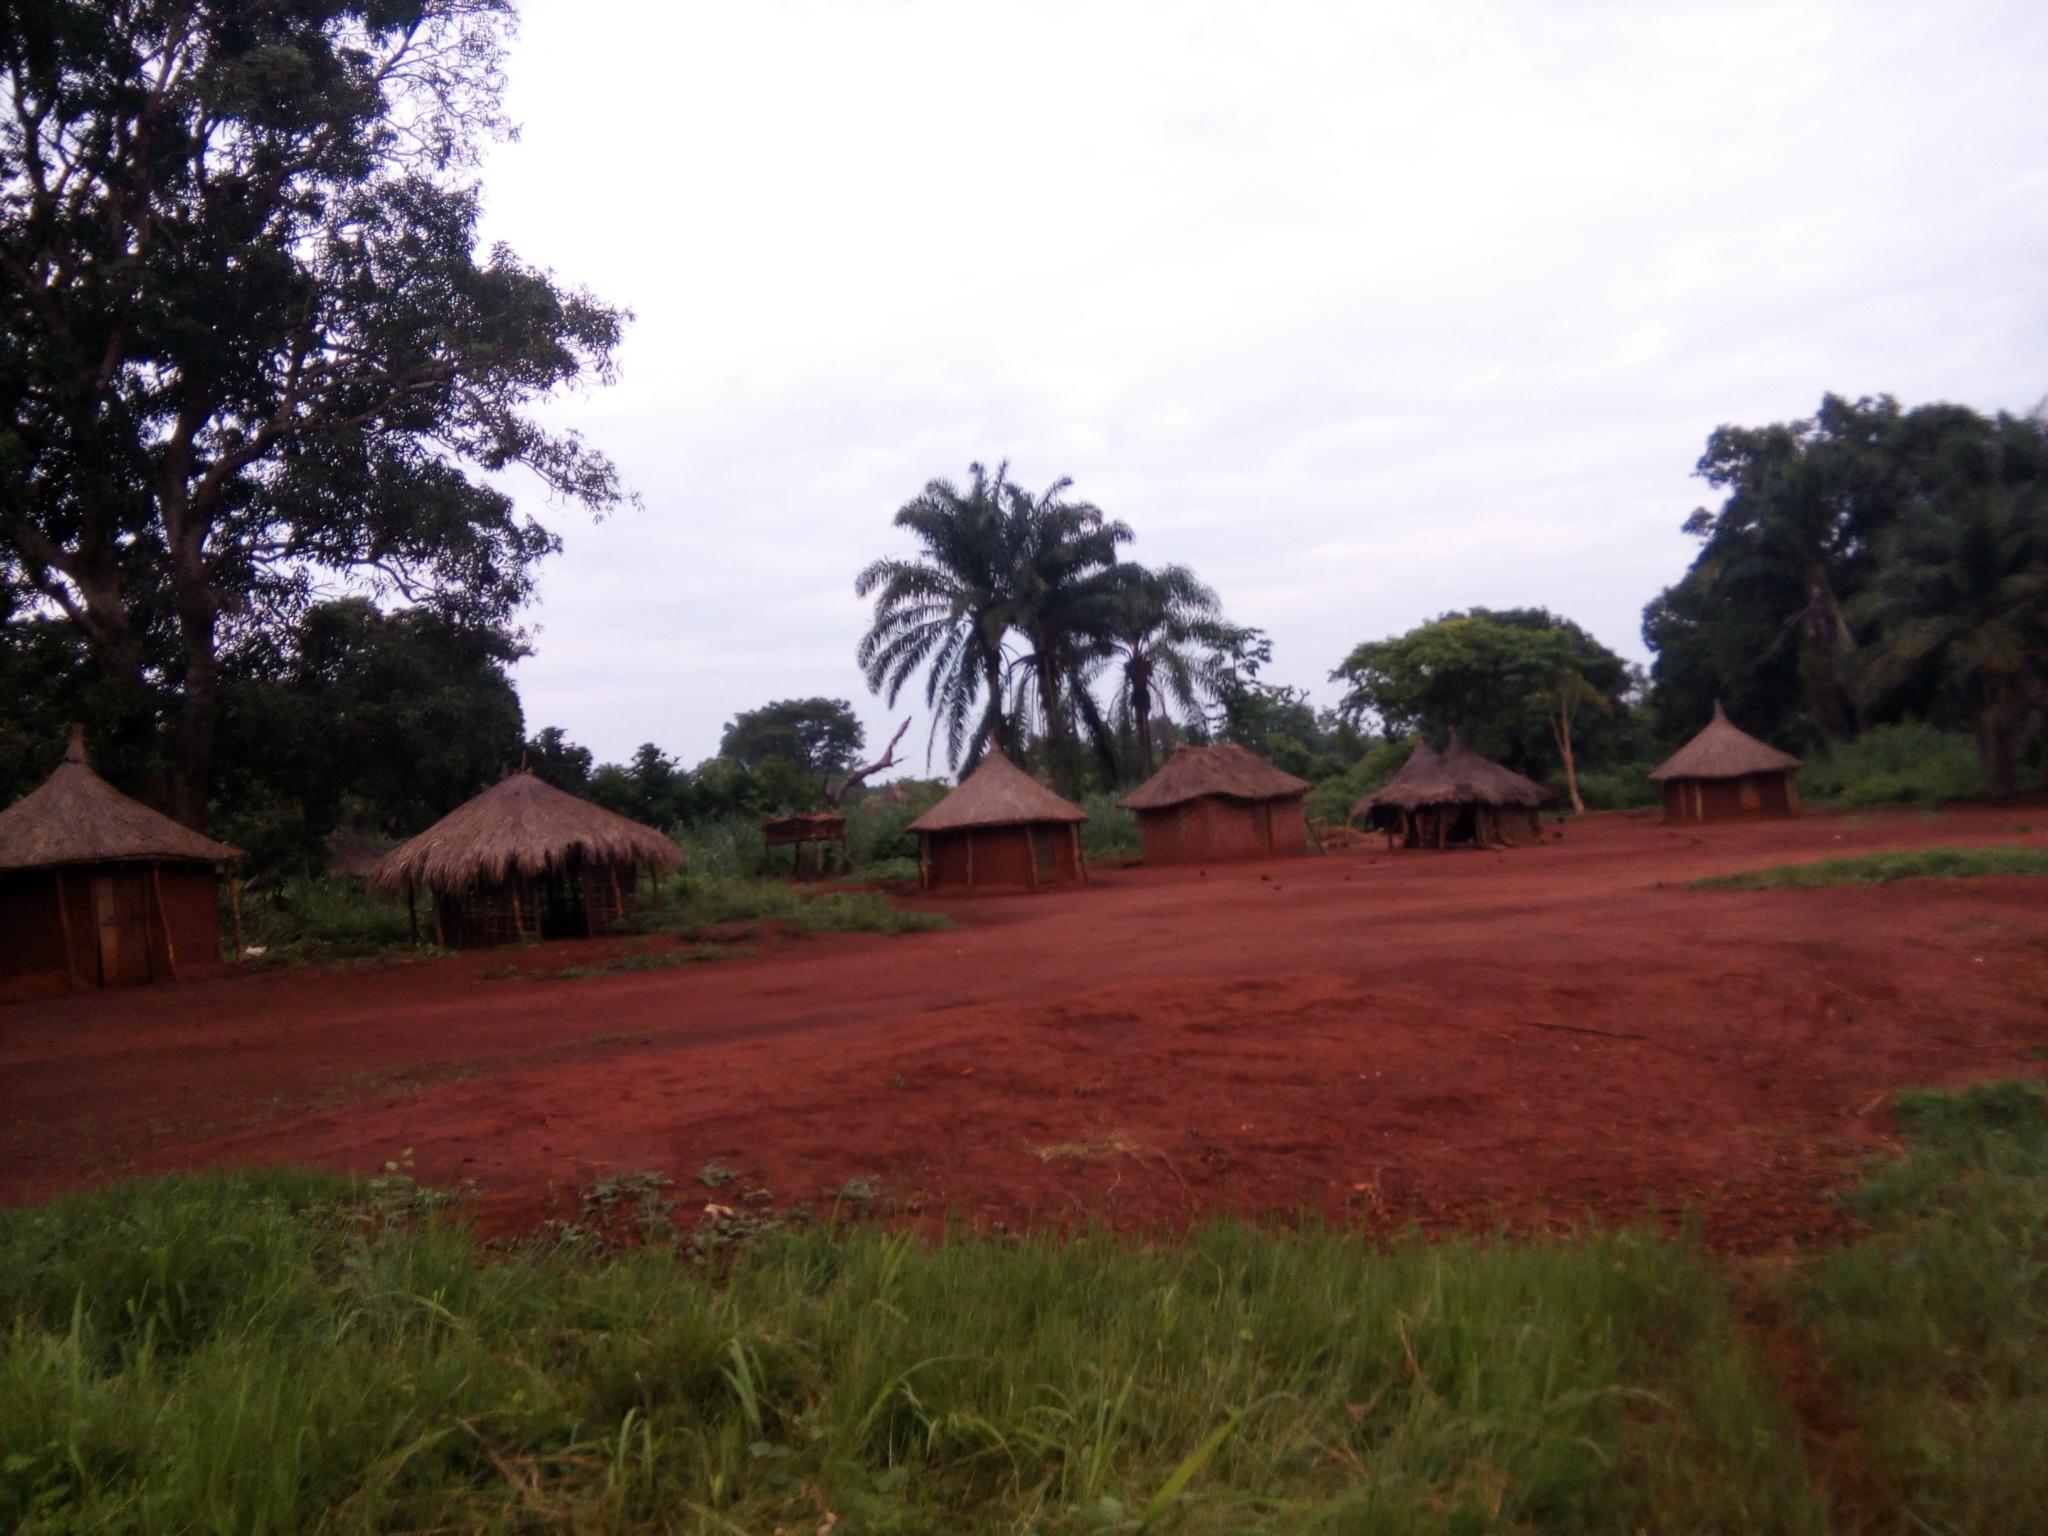 Une vue du camp des réfugiés de la RDC à Obo. © A-J.M